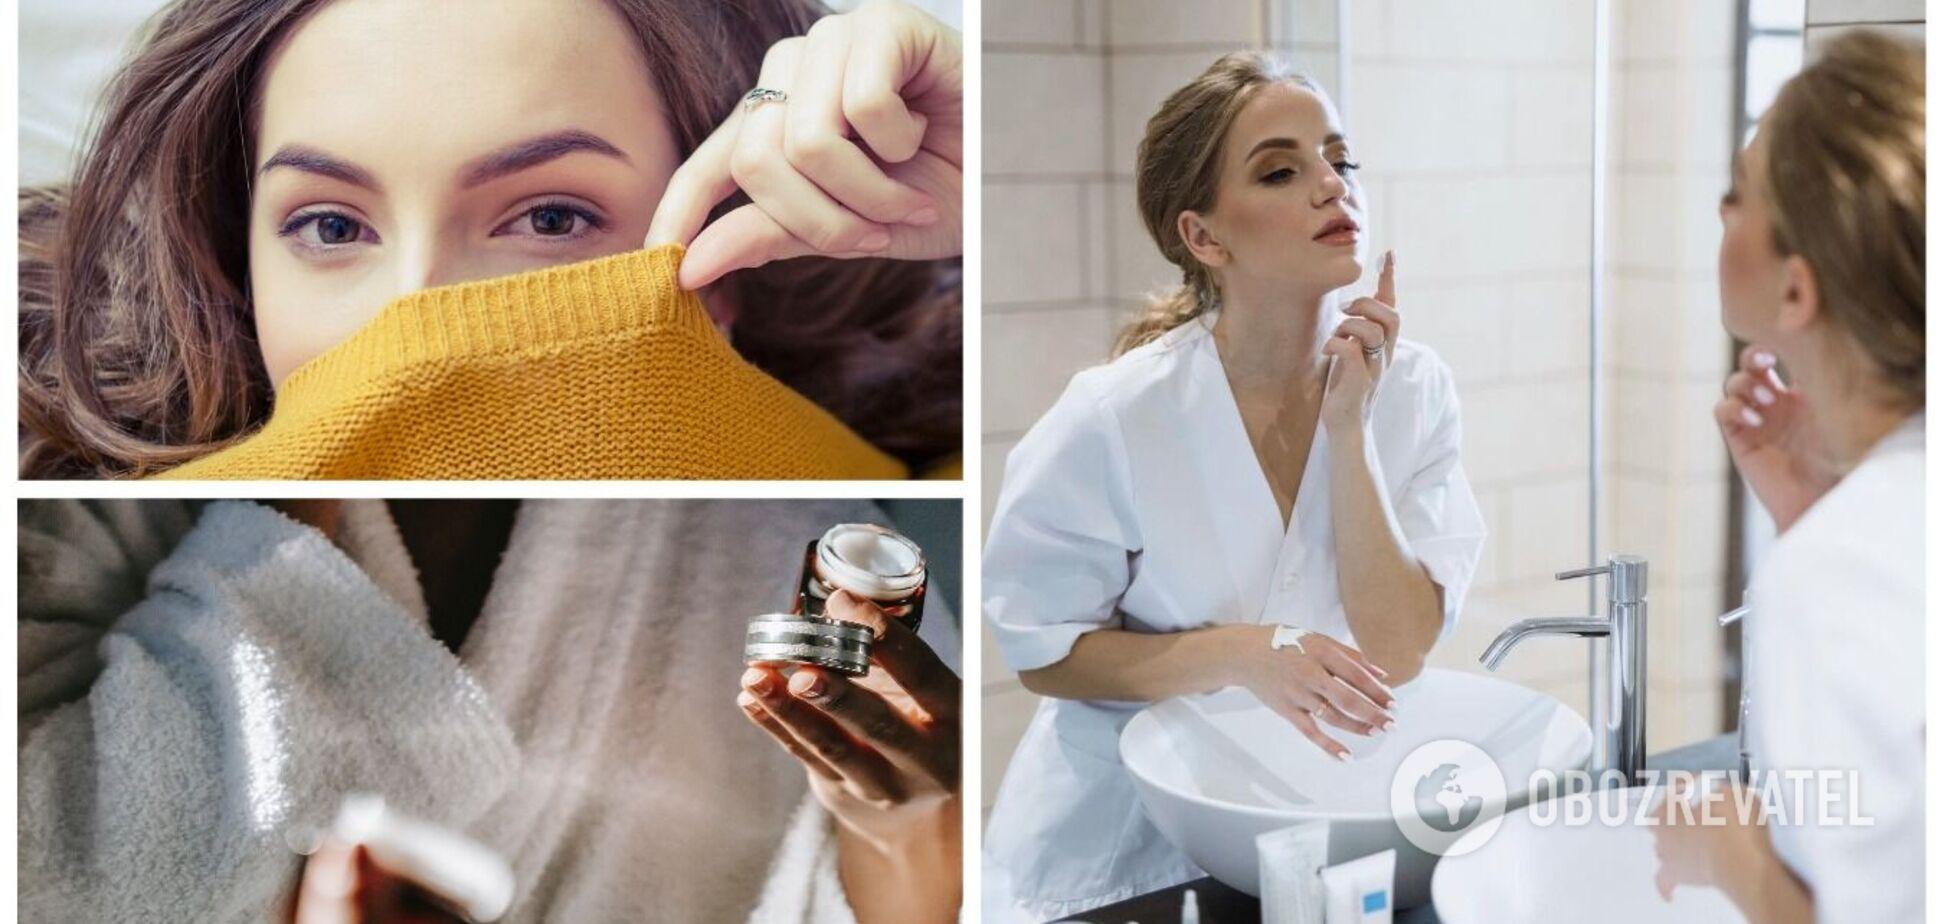 Обветренные губы, акне, сухость кожи: как справиться с этими проблемами осенью. Интервью с косметологом